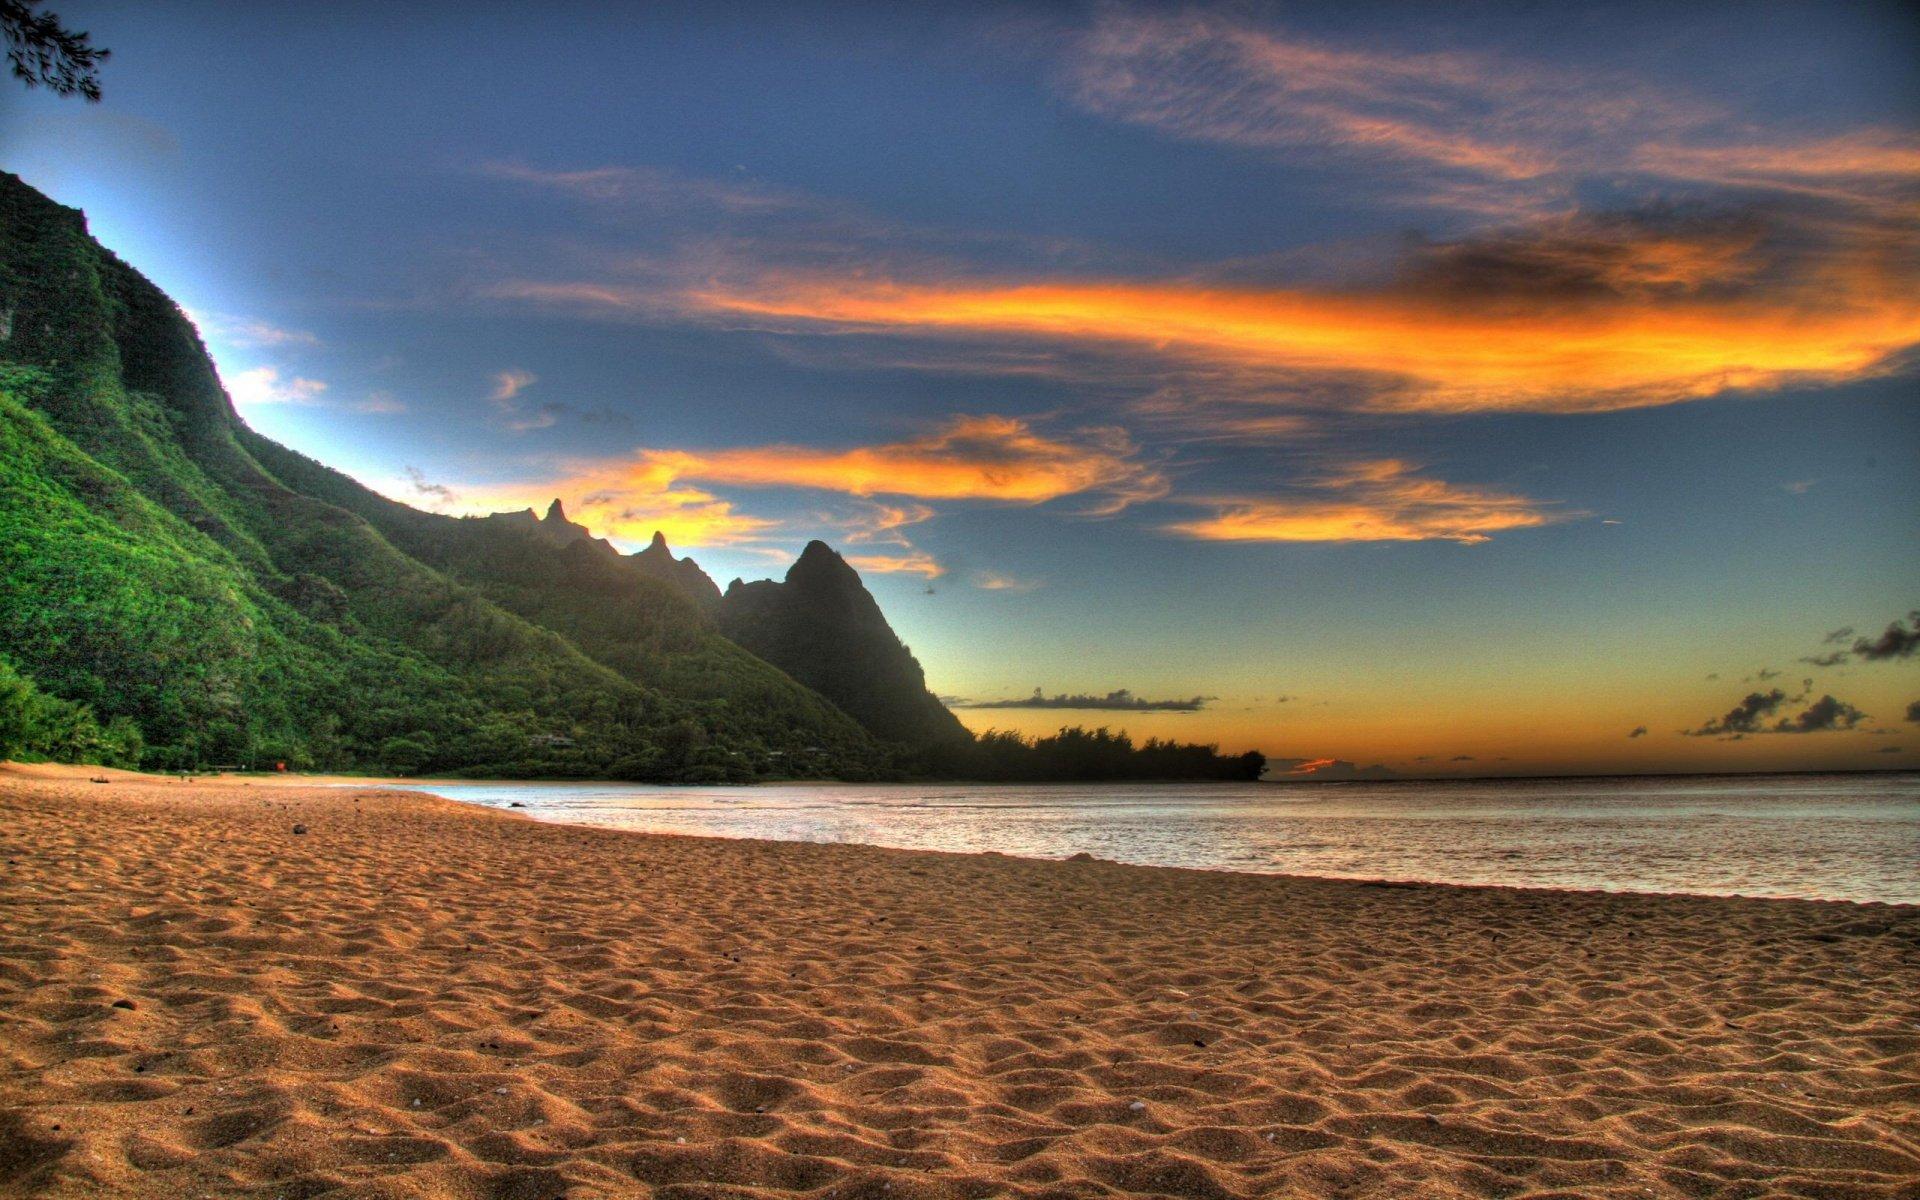 Hawaii Beach Sunset Wallpaper 1920x1200